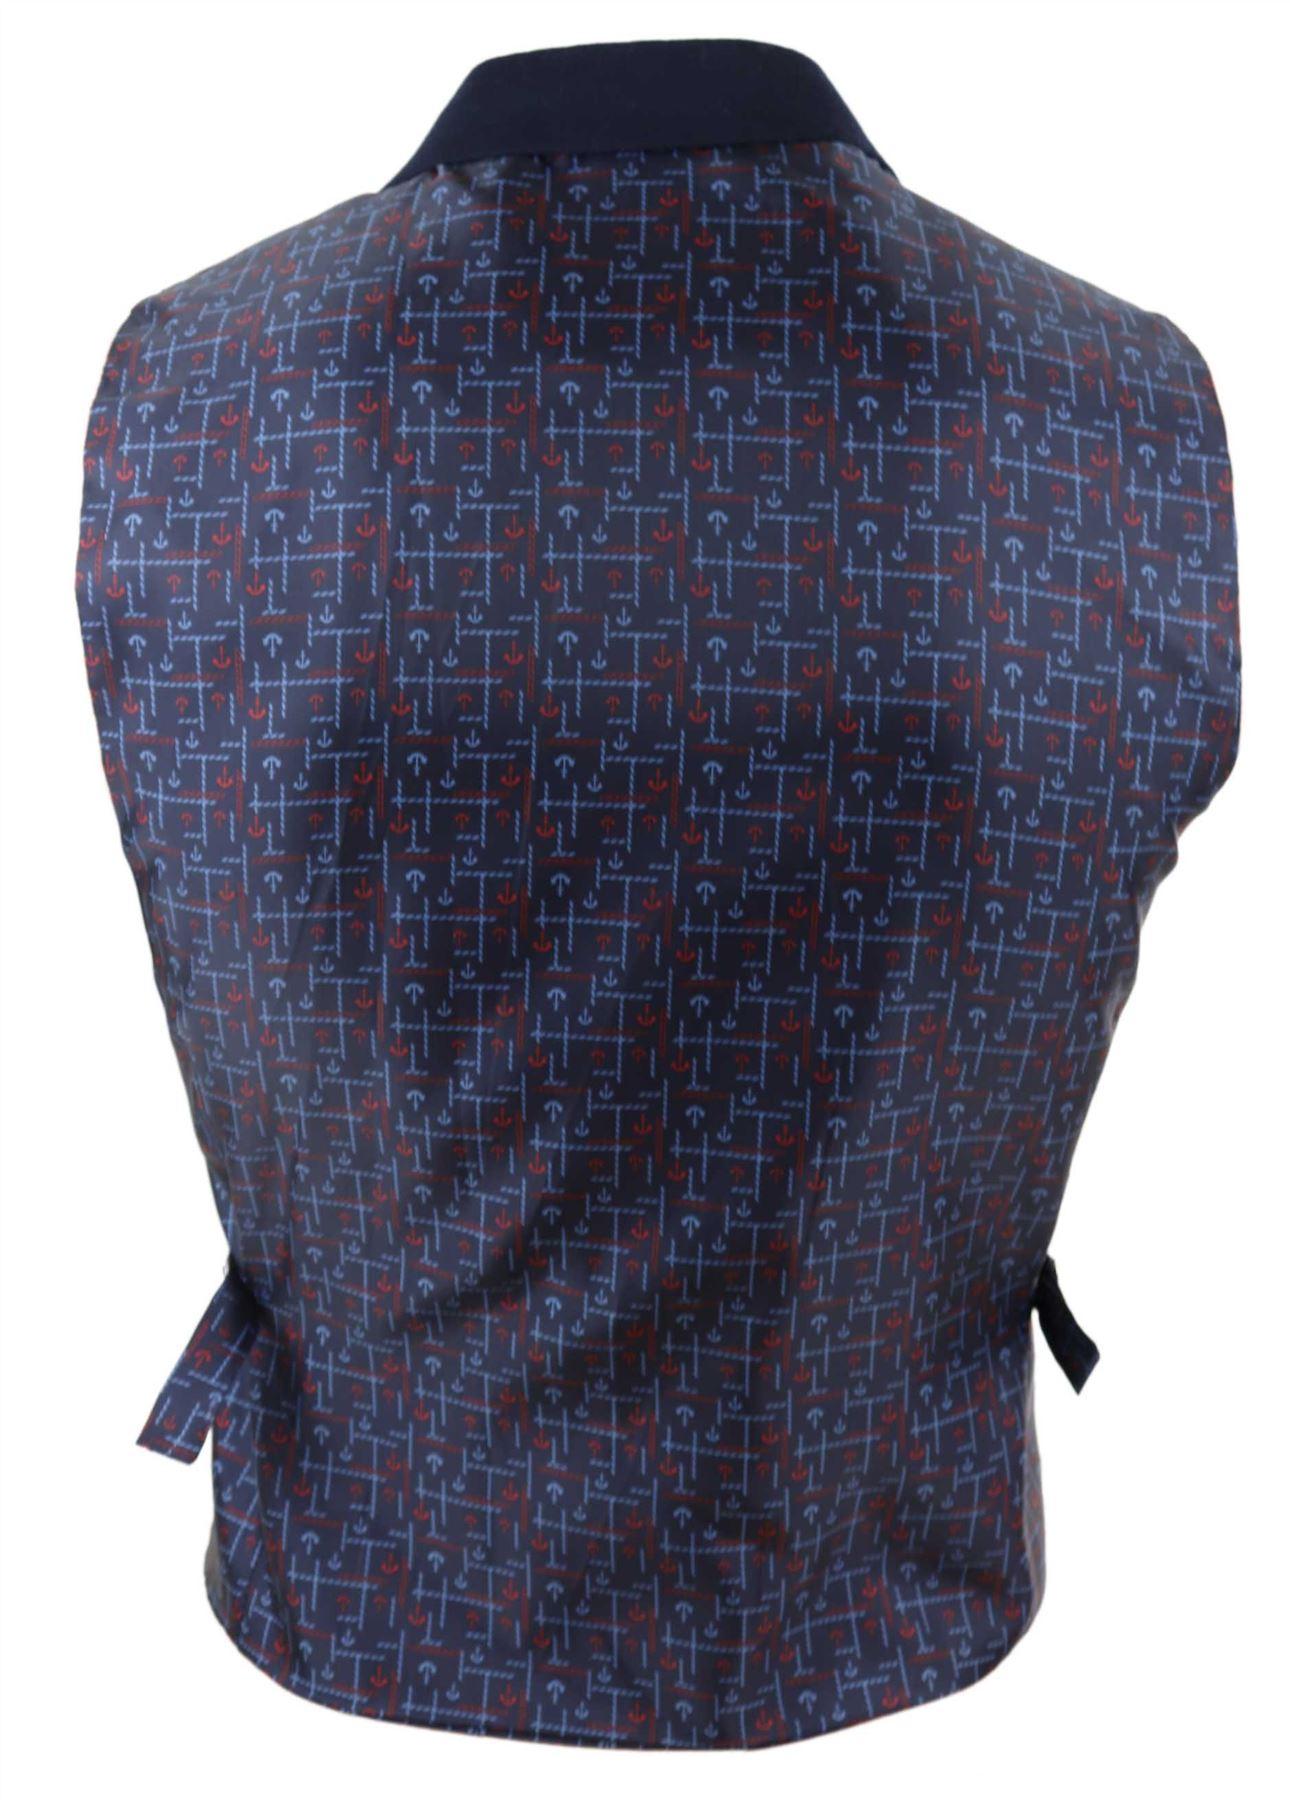 Mens-Waistcoat-Tweed-Check-Classic-Peaky-Blinders-Tailored-Fit-Vintage miniatuur 3